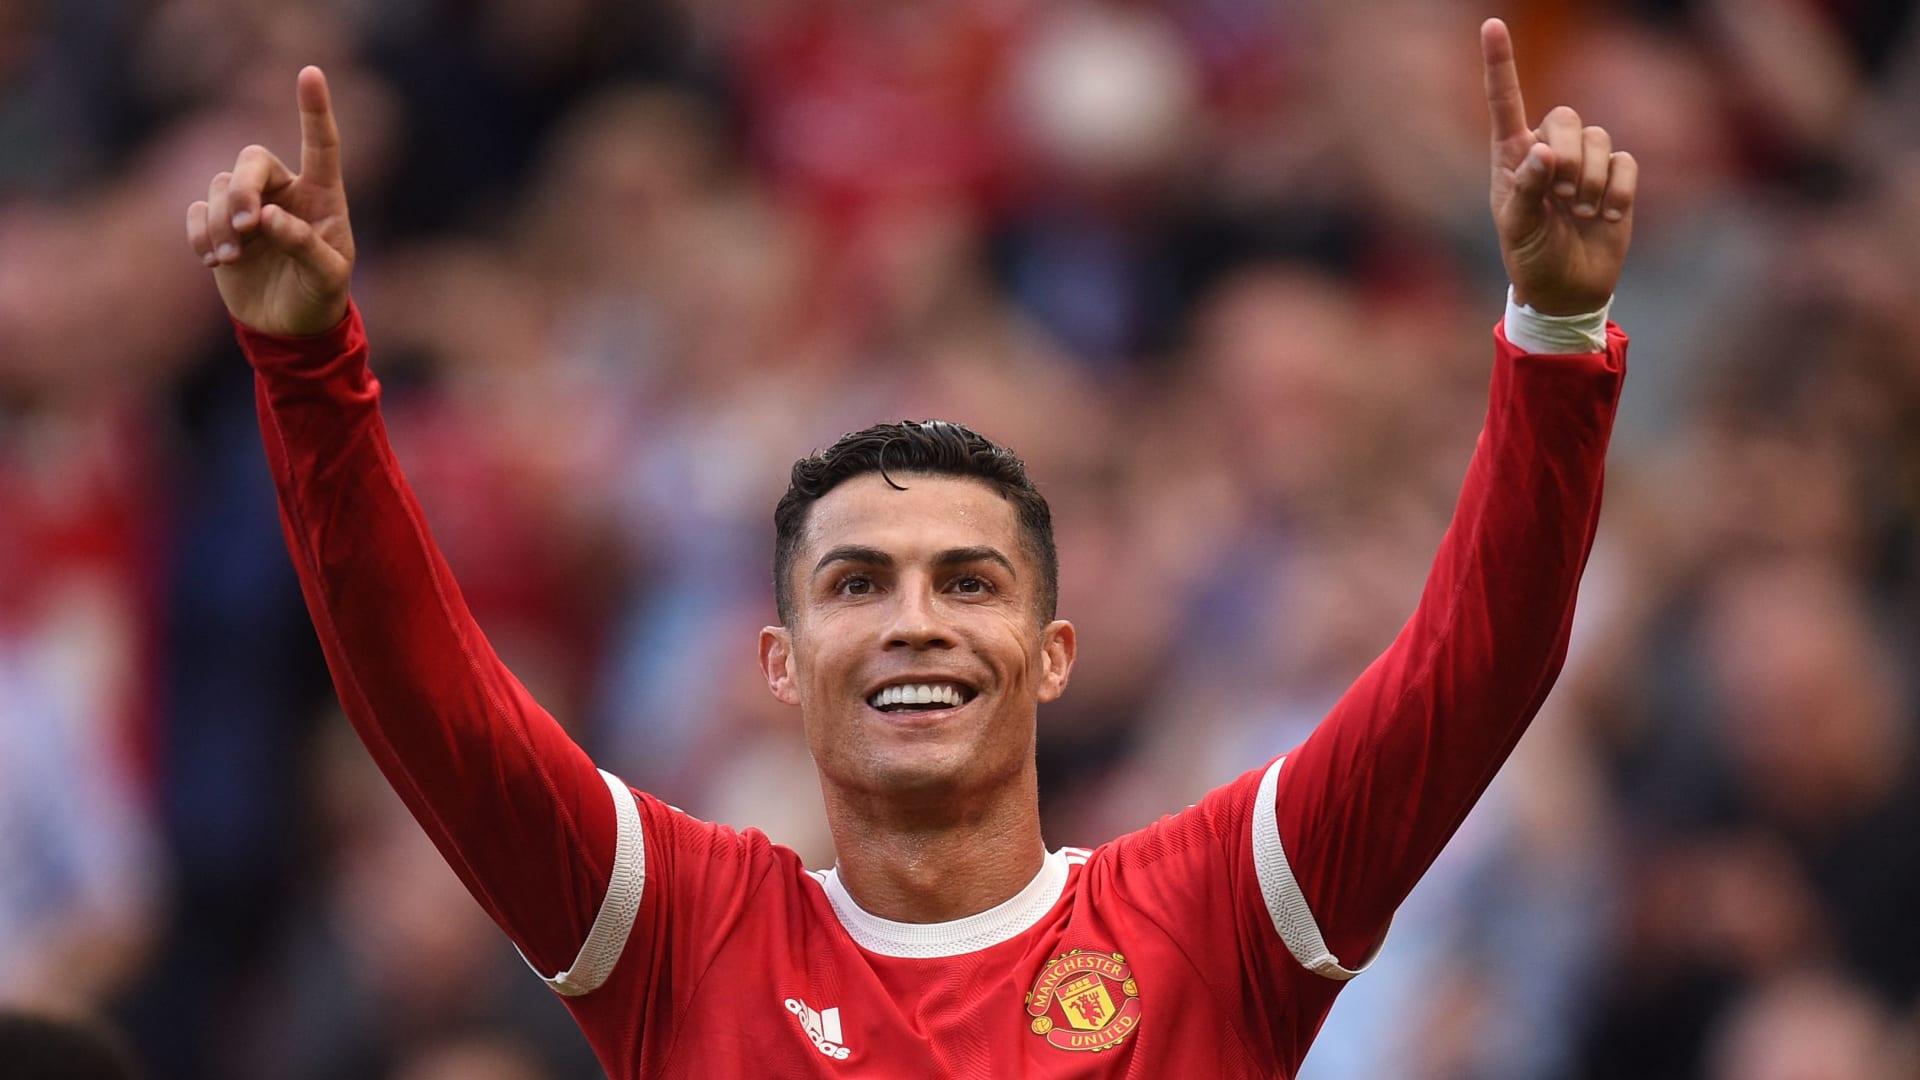 رونالدو في أول مباراة له مع مانشستر يونايتد